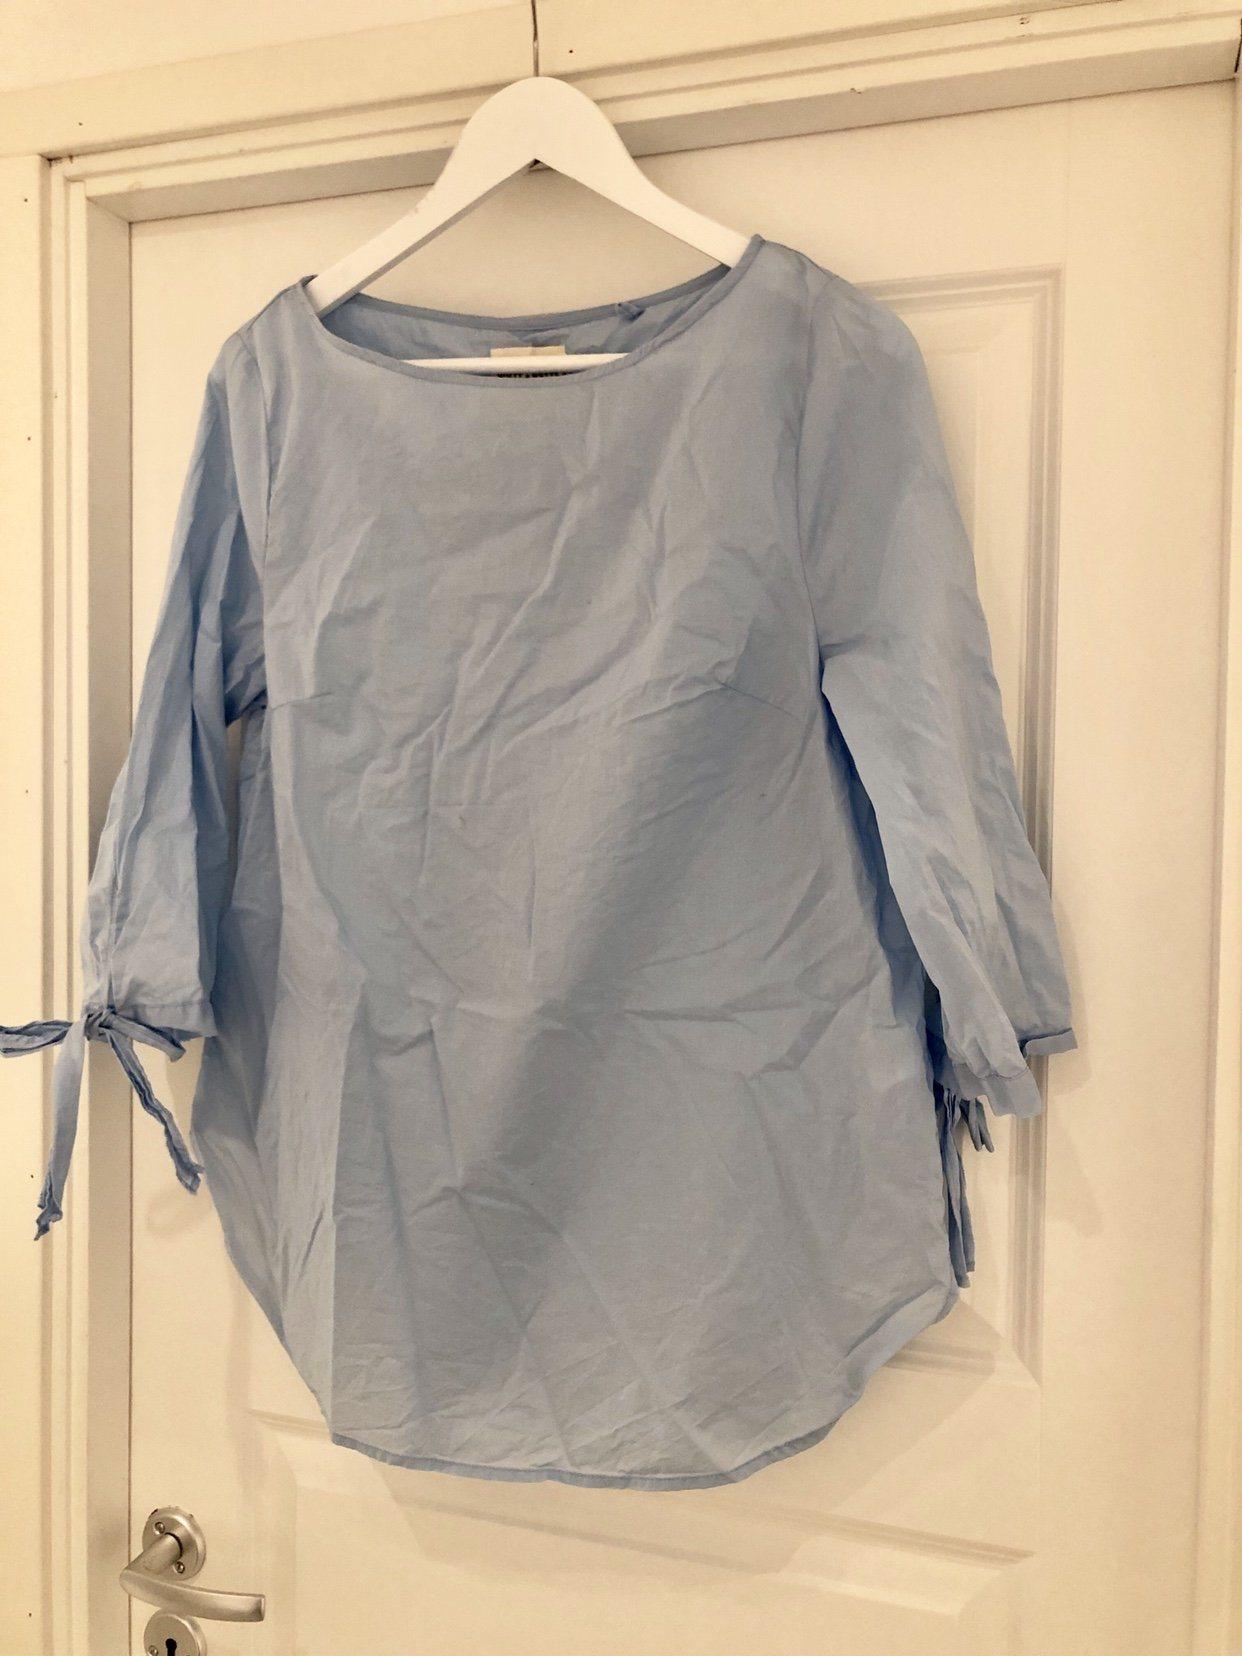 b45a6fb40755 Holly & Whyte blus tunika Lindex (345187056) ᐈ Köp på Tradera